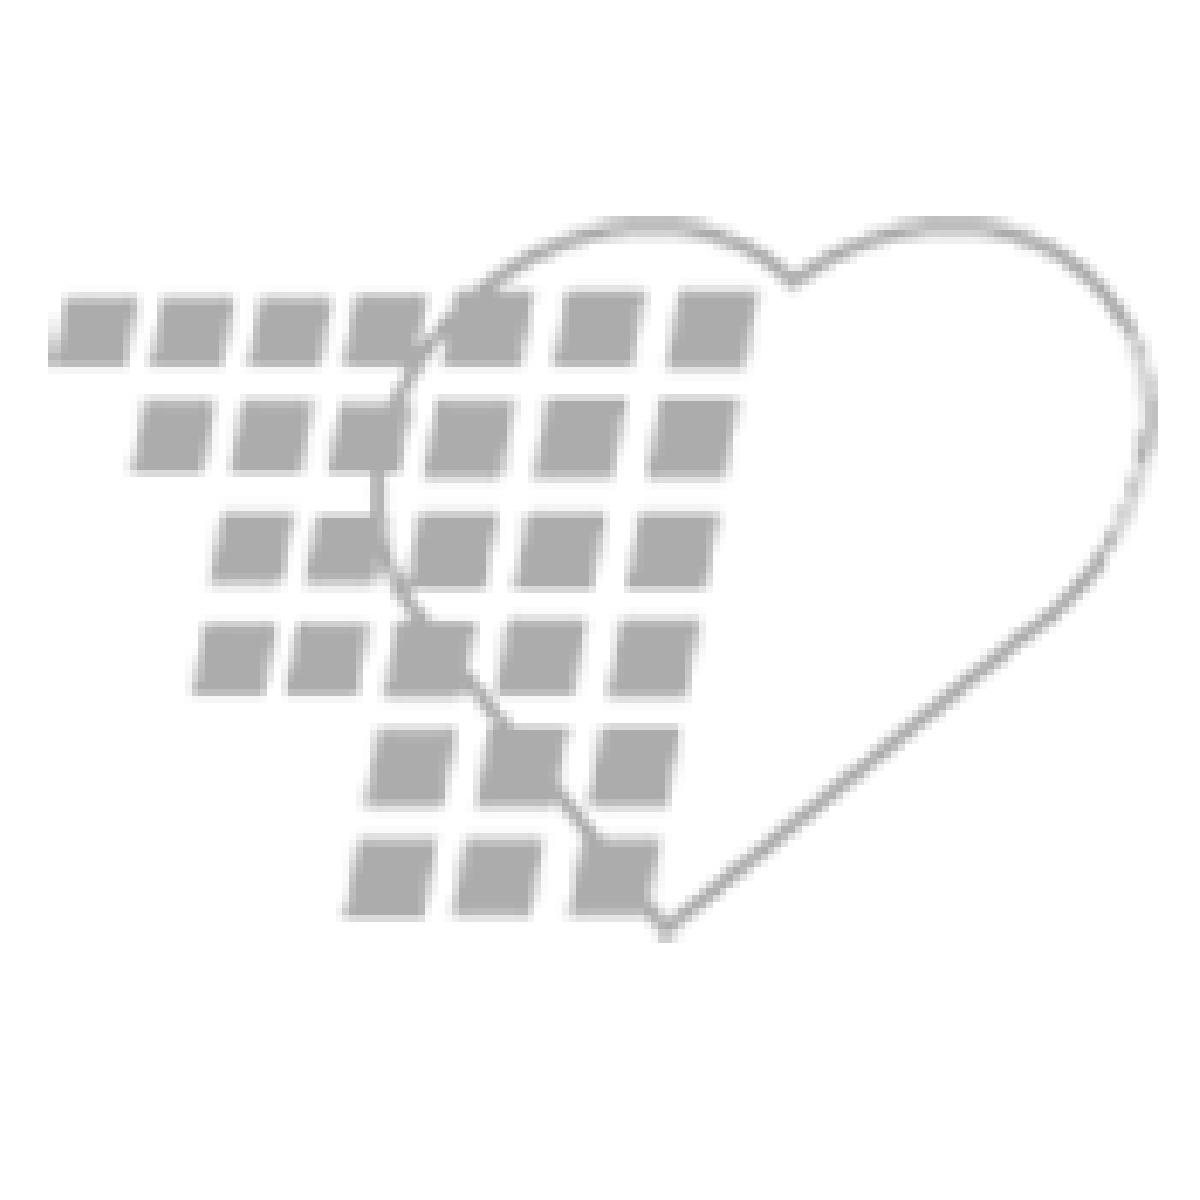 06-93-0092 - Demo Dose® Plavx 75 mg - 100 Pills/Bottle